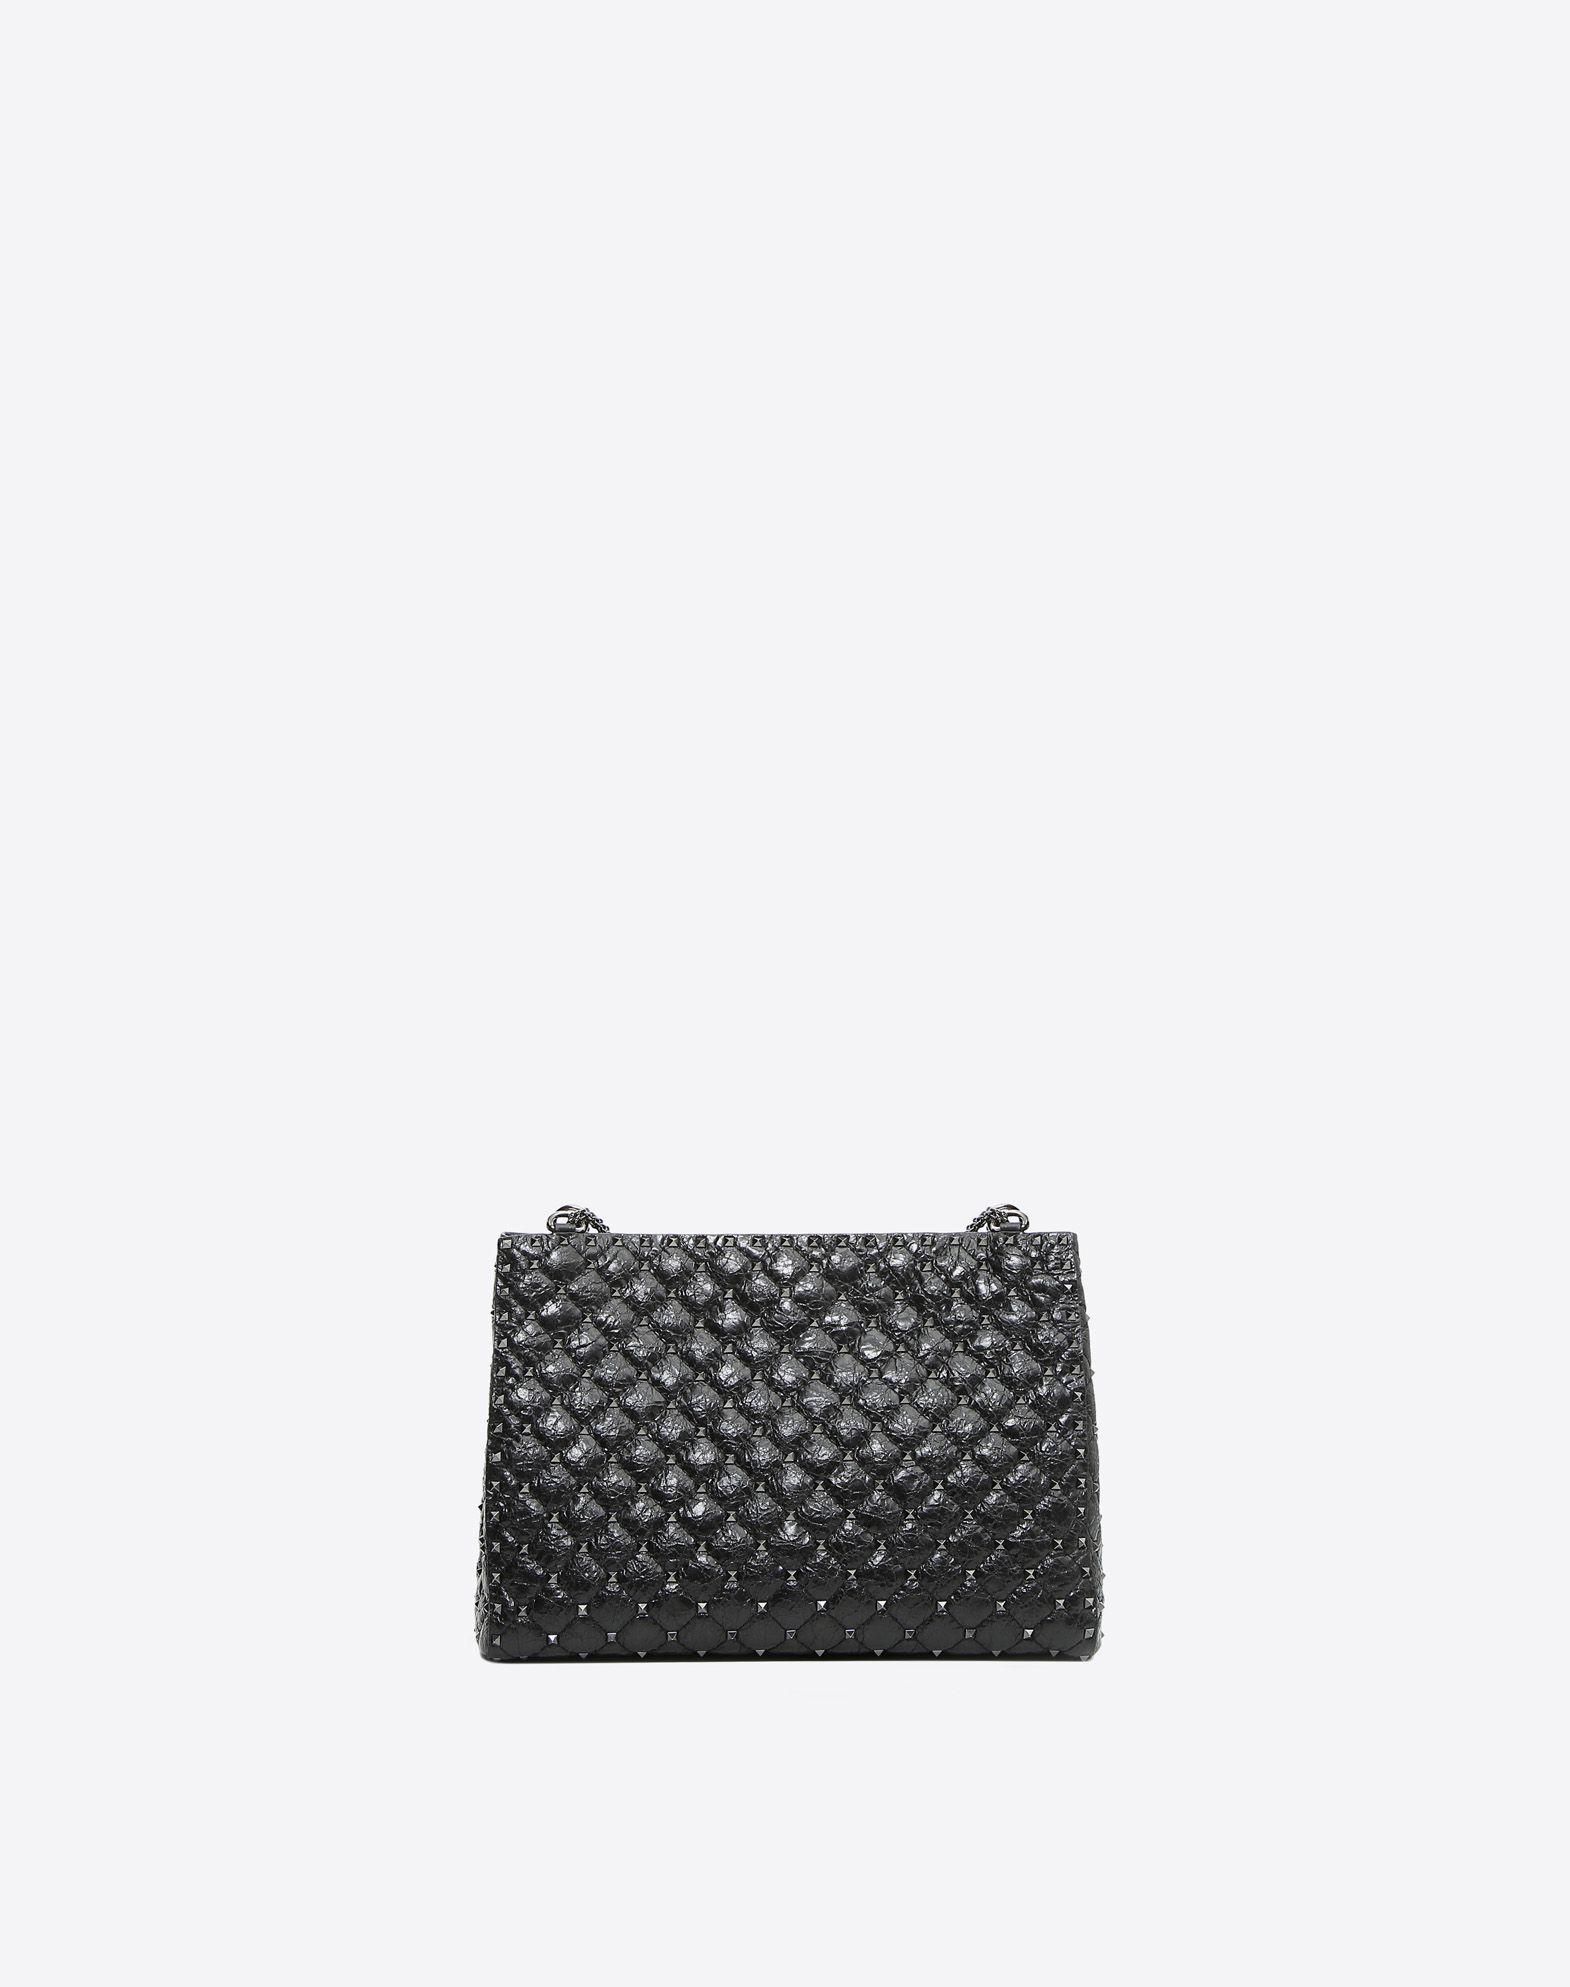 VALENTINO GARAVANI Rockstud Spike Tote Bag Shoulder bag D d